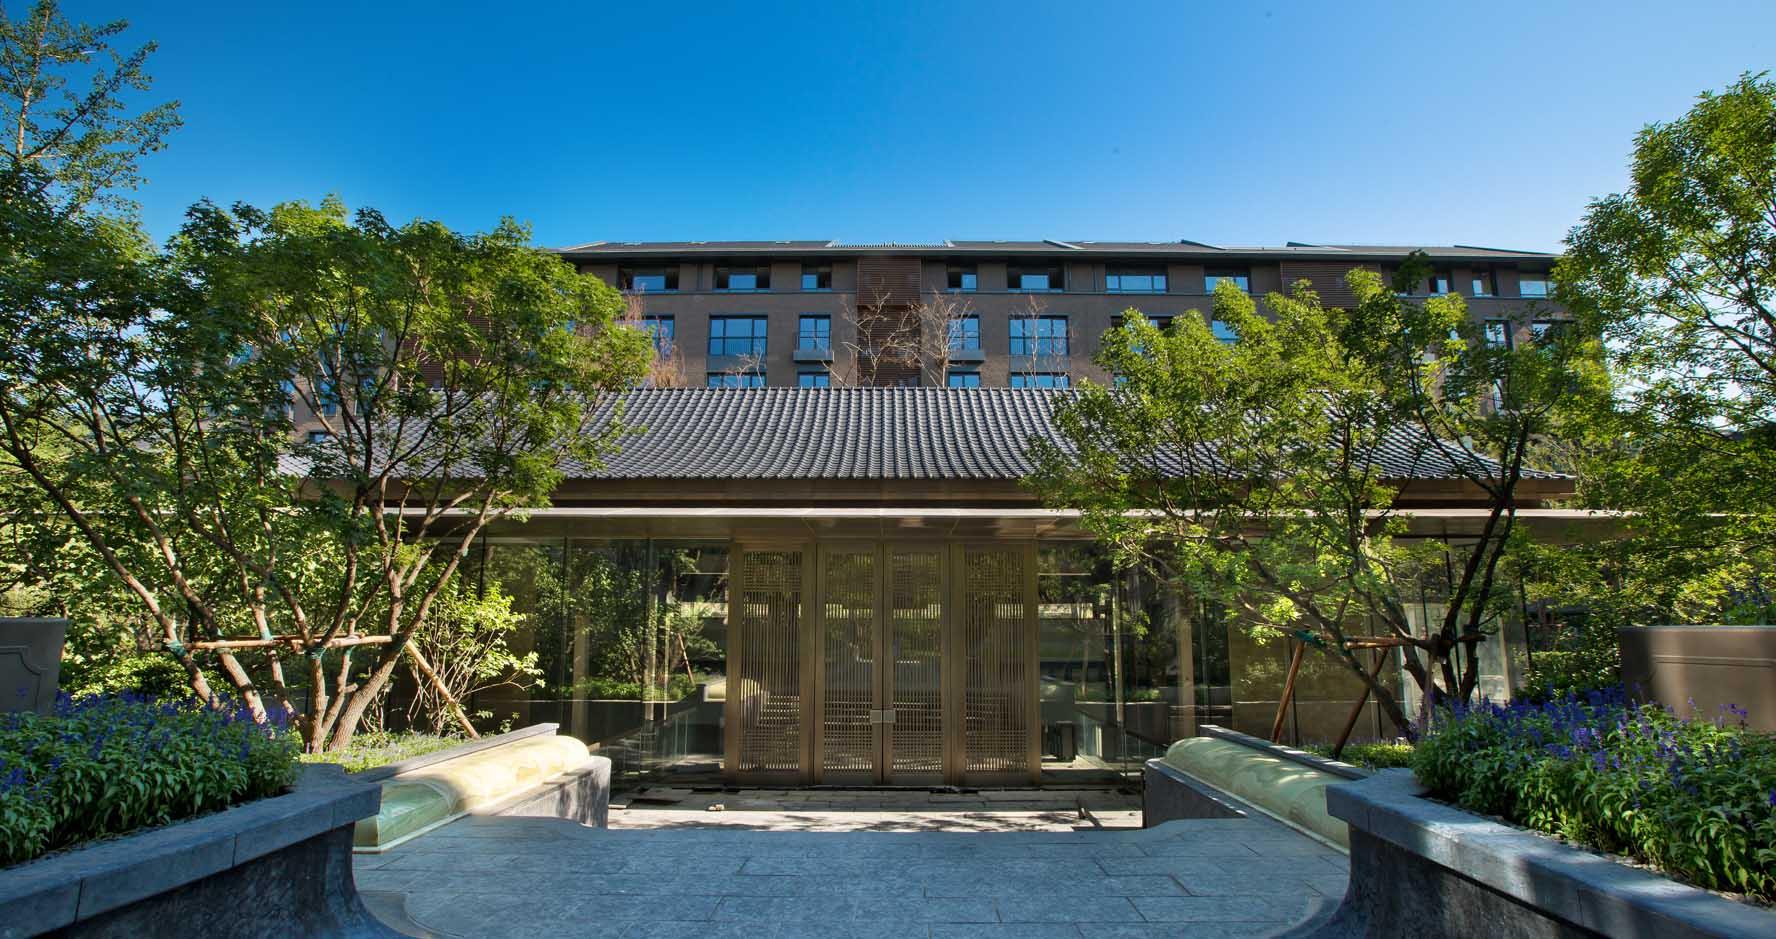 万柳书院 - 北京市住宅建筑设计研究院有限公司